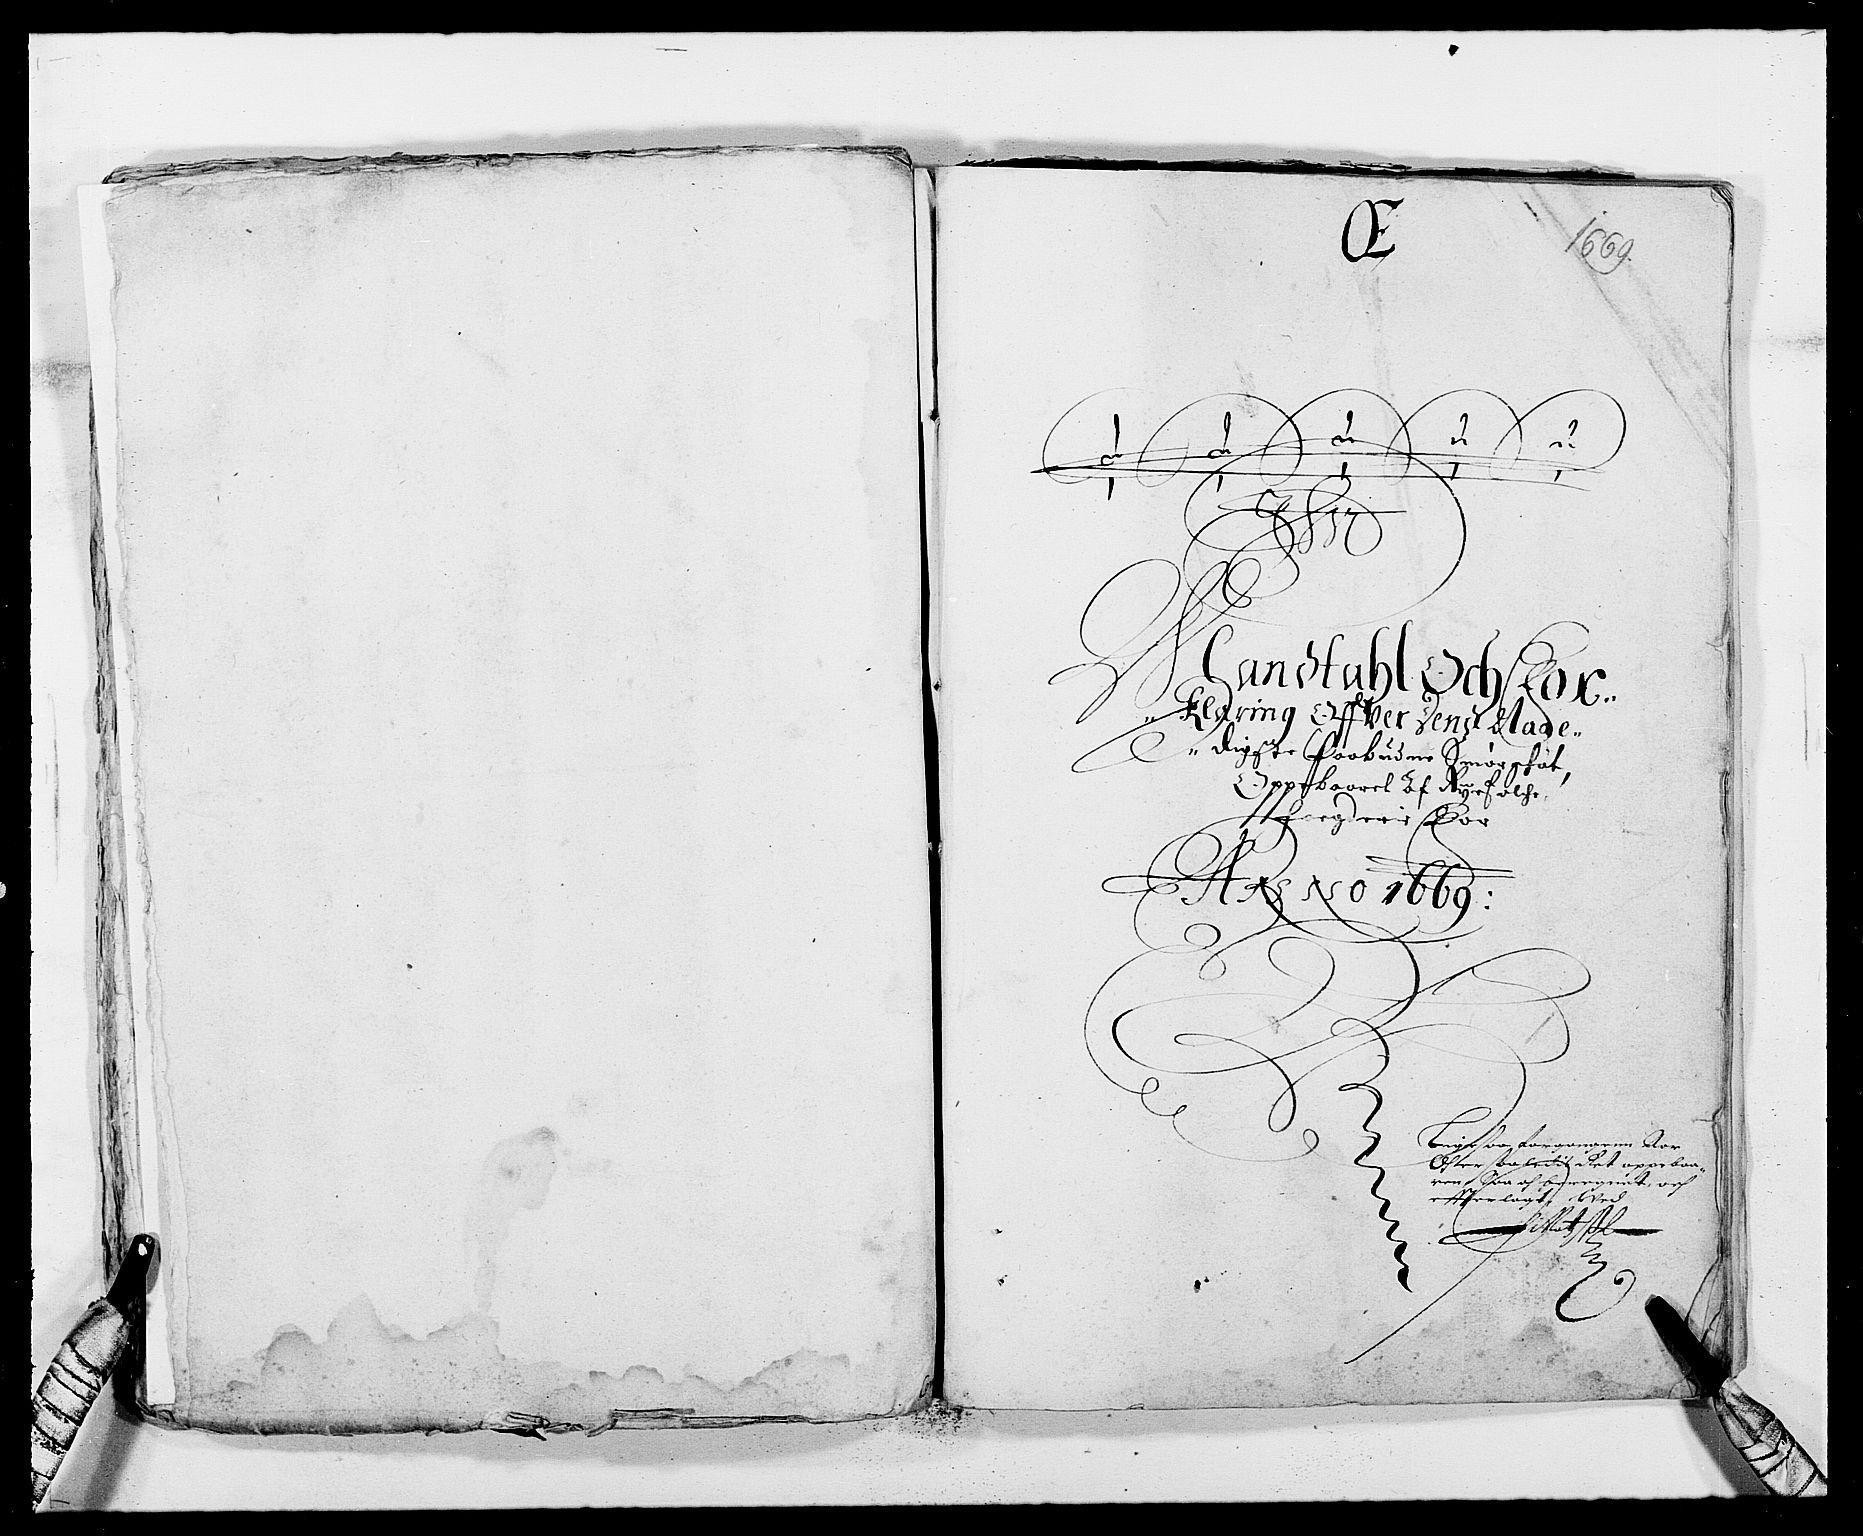 RA, Rentekammeret inntil 1814, Reviderte regnskaper, Fogderegnskap, R47/L2842: Fogderegnskap Ryfylke, 1665-1669, s. 289